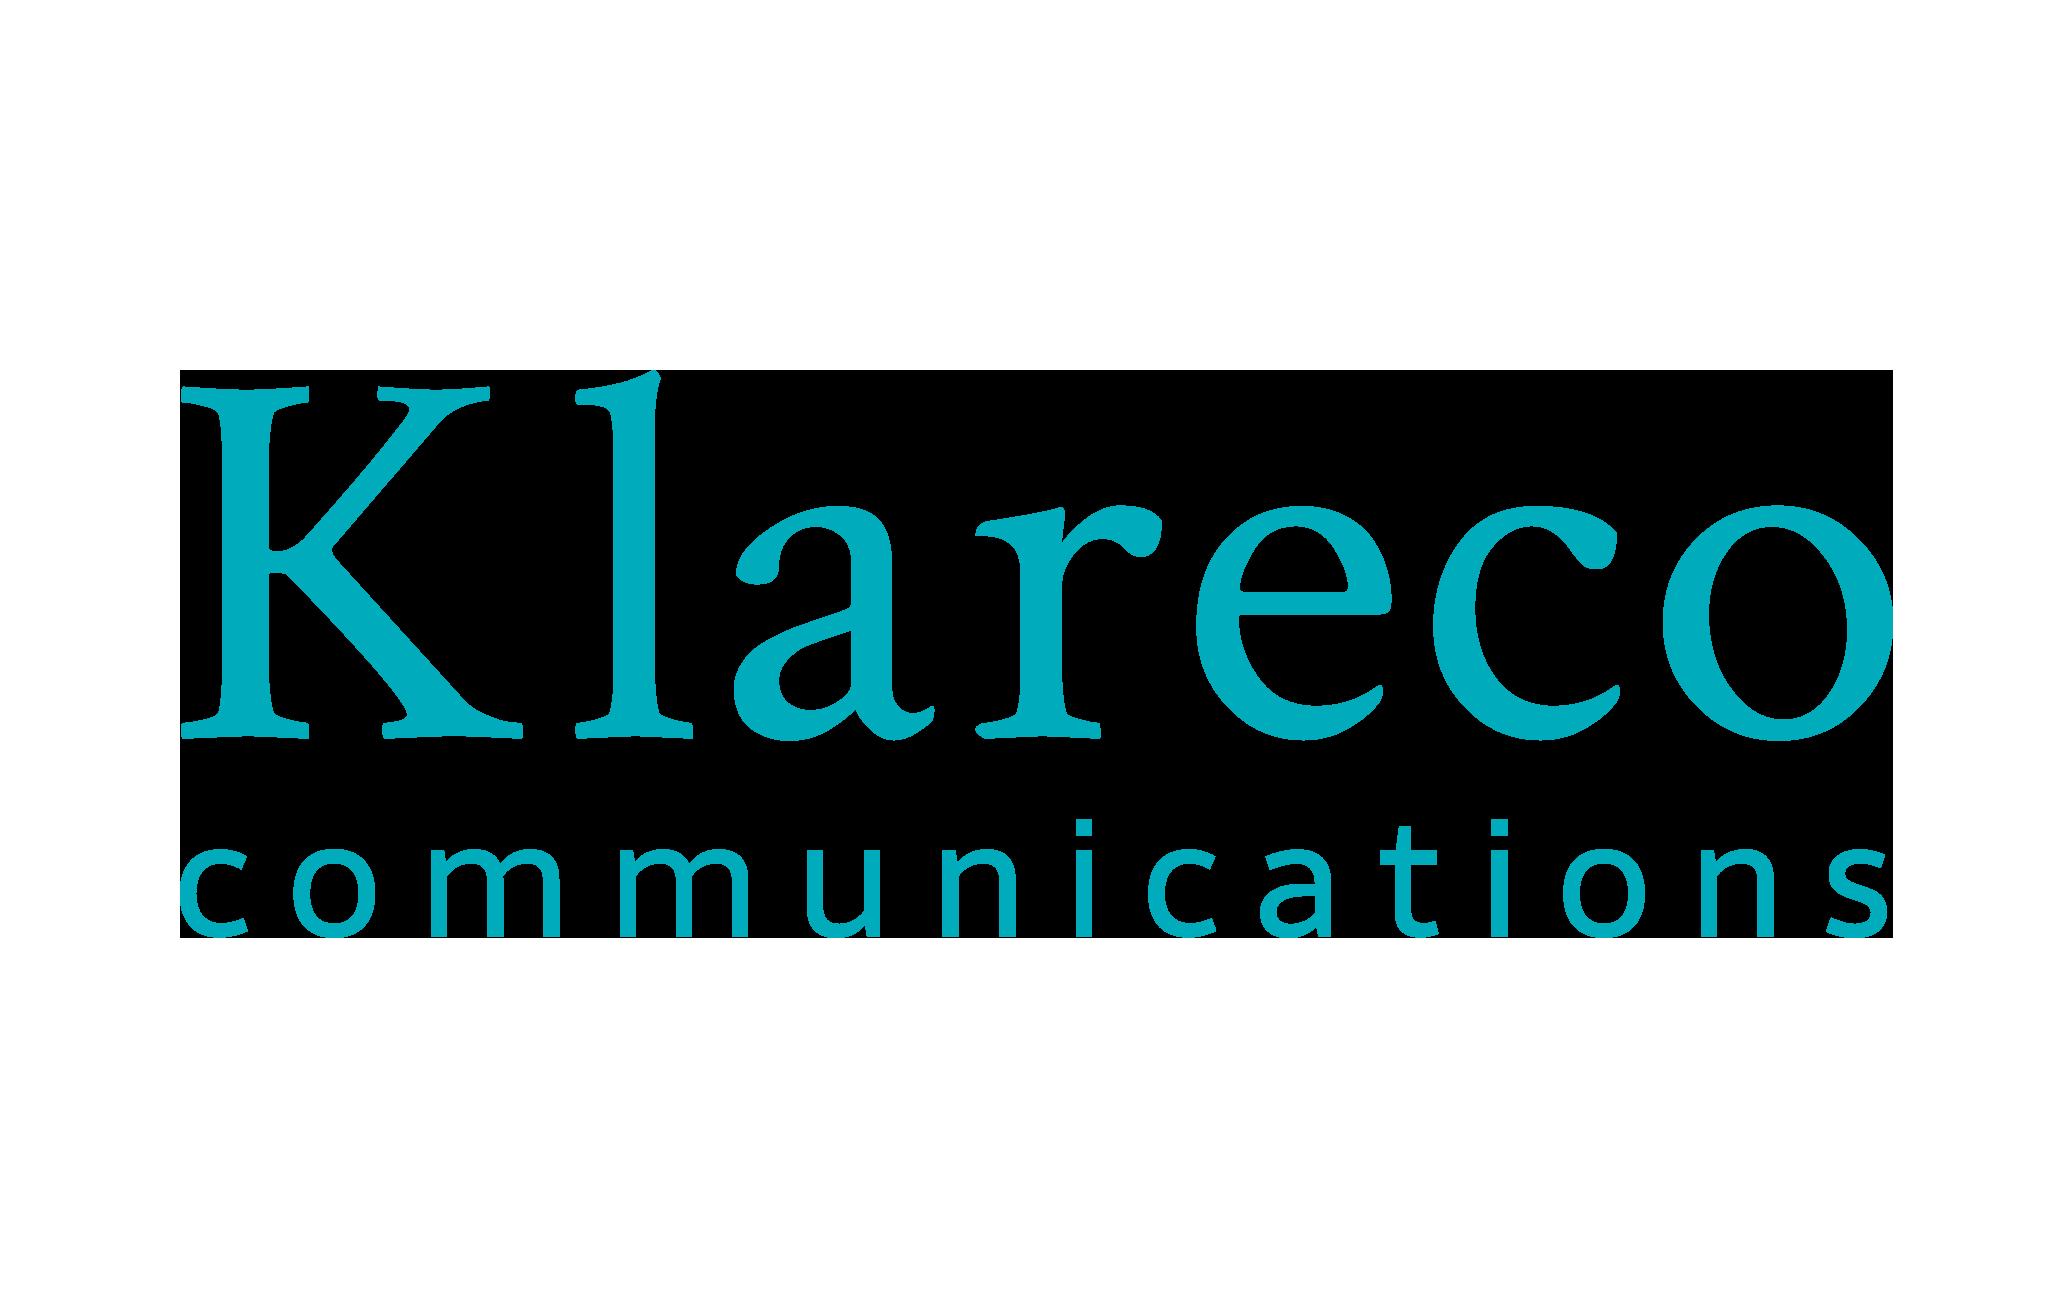 Website Logos_Klareco_v02.png